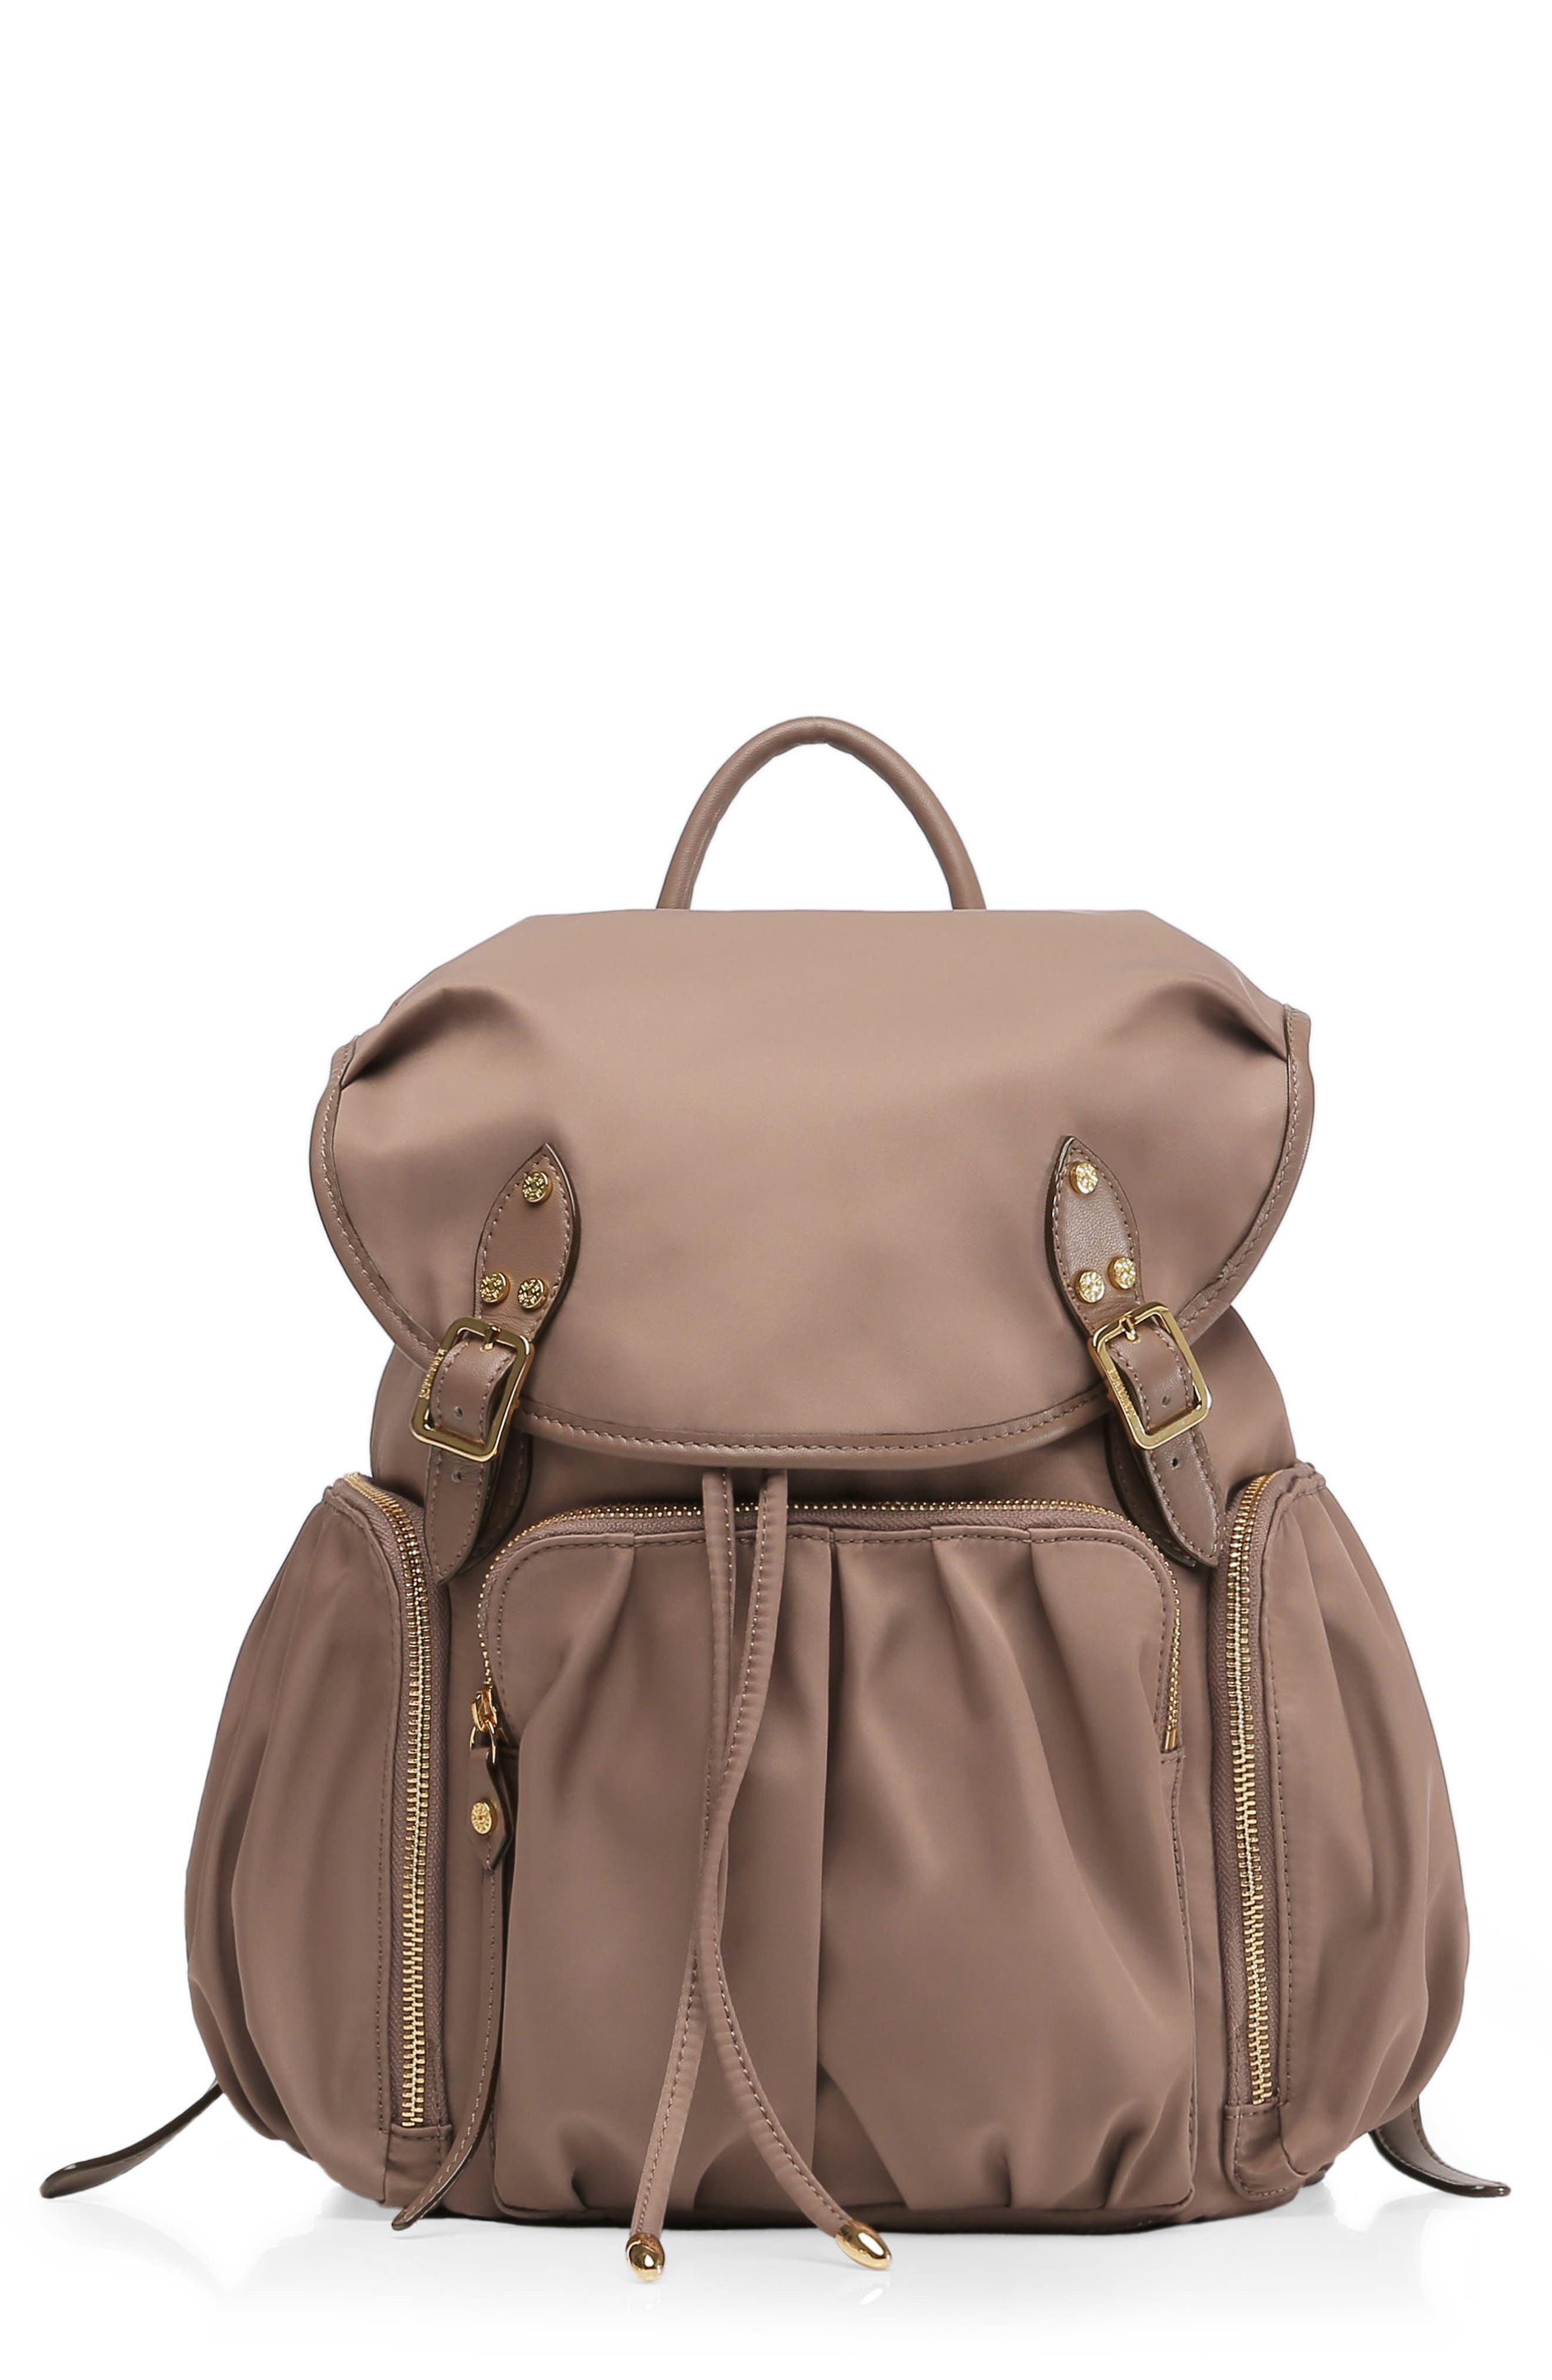 Marlena Backpack,                             Main thumbnail 1, color,                             255